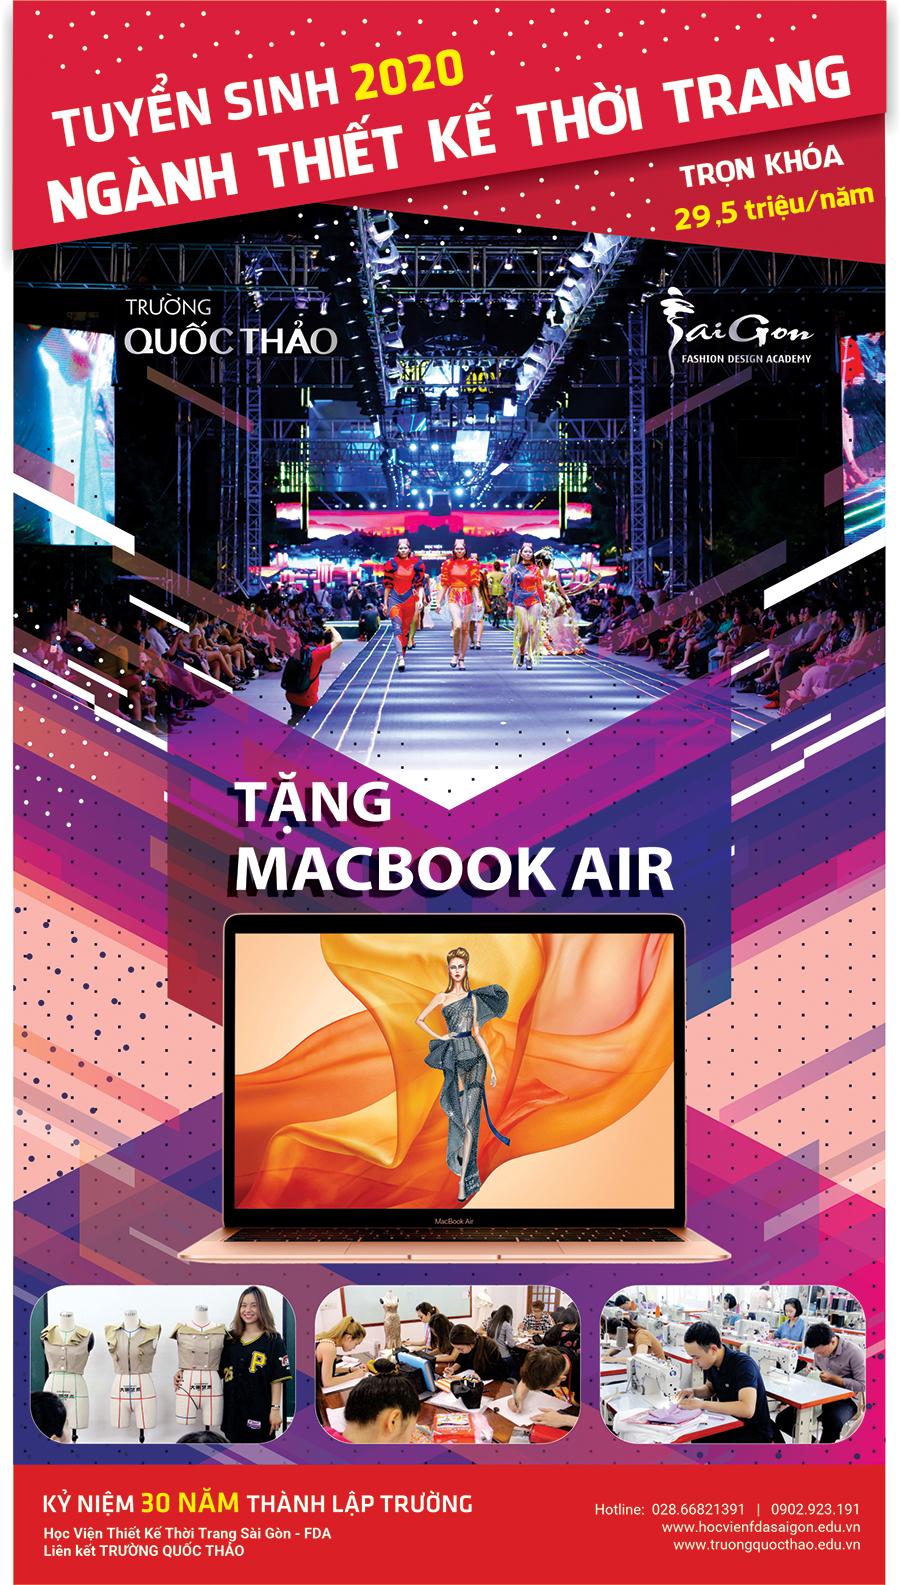 Tuyển sinh 2019 ngành thiết kế thời trang đợt 1 Tặng Macbook Air